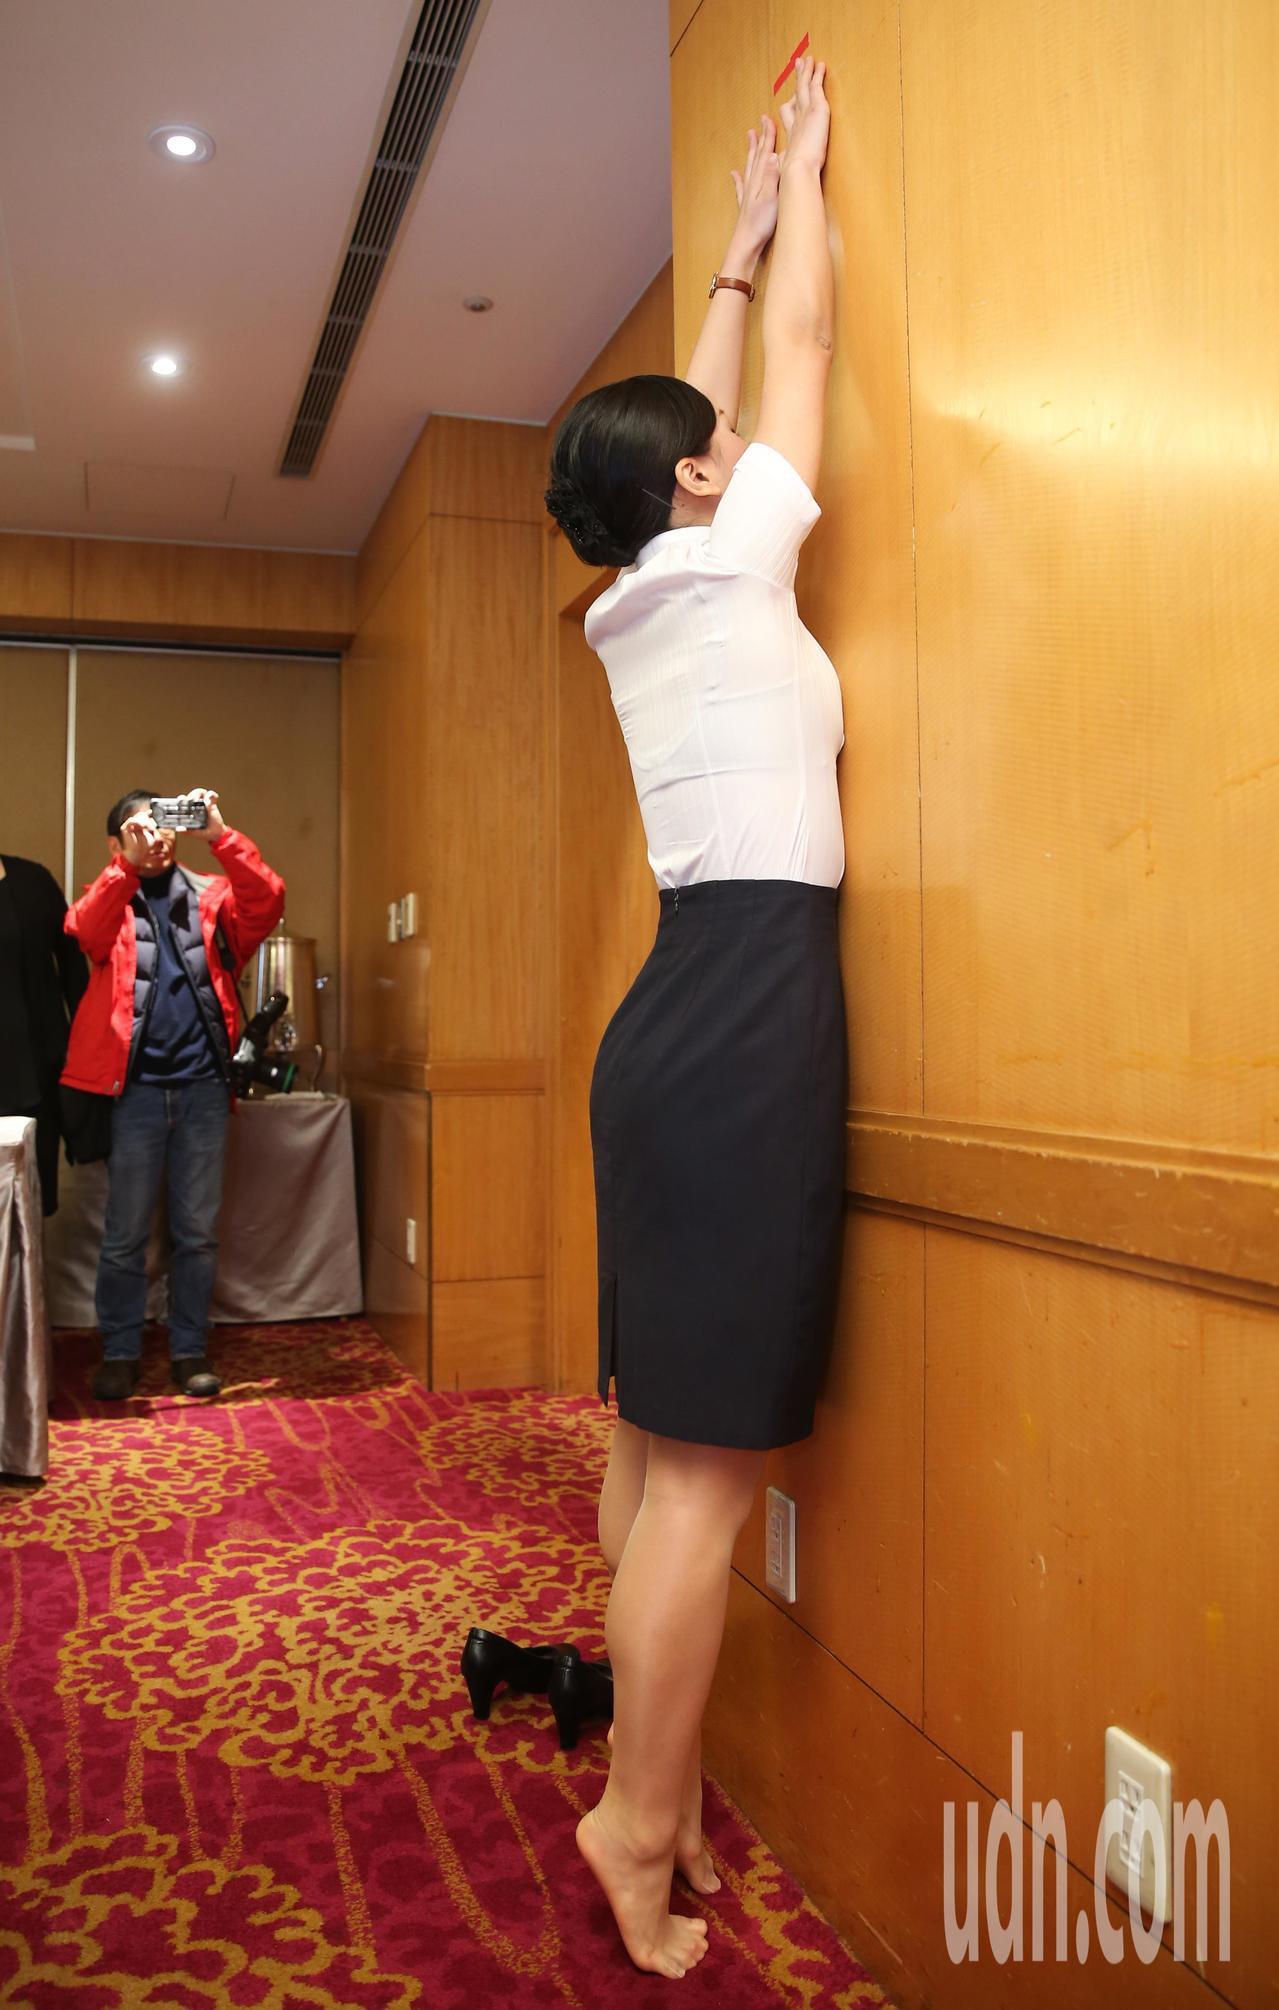 柬埔寨航空招募空服員要求考生脫鞋踮足雙手摸高。記者徐兆玄/攝影